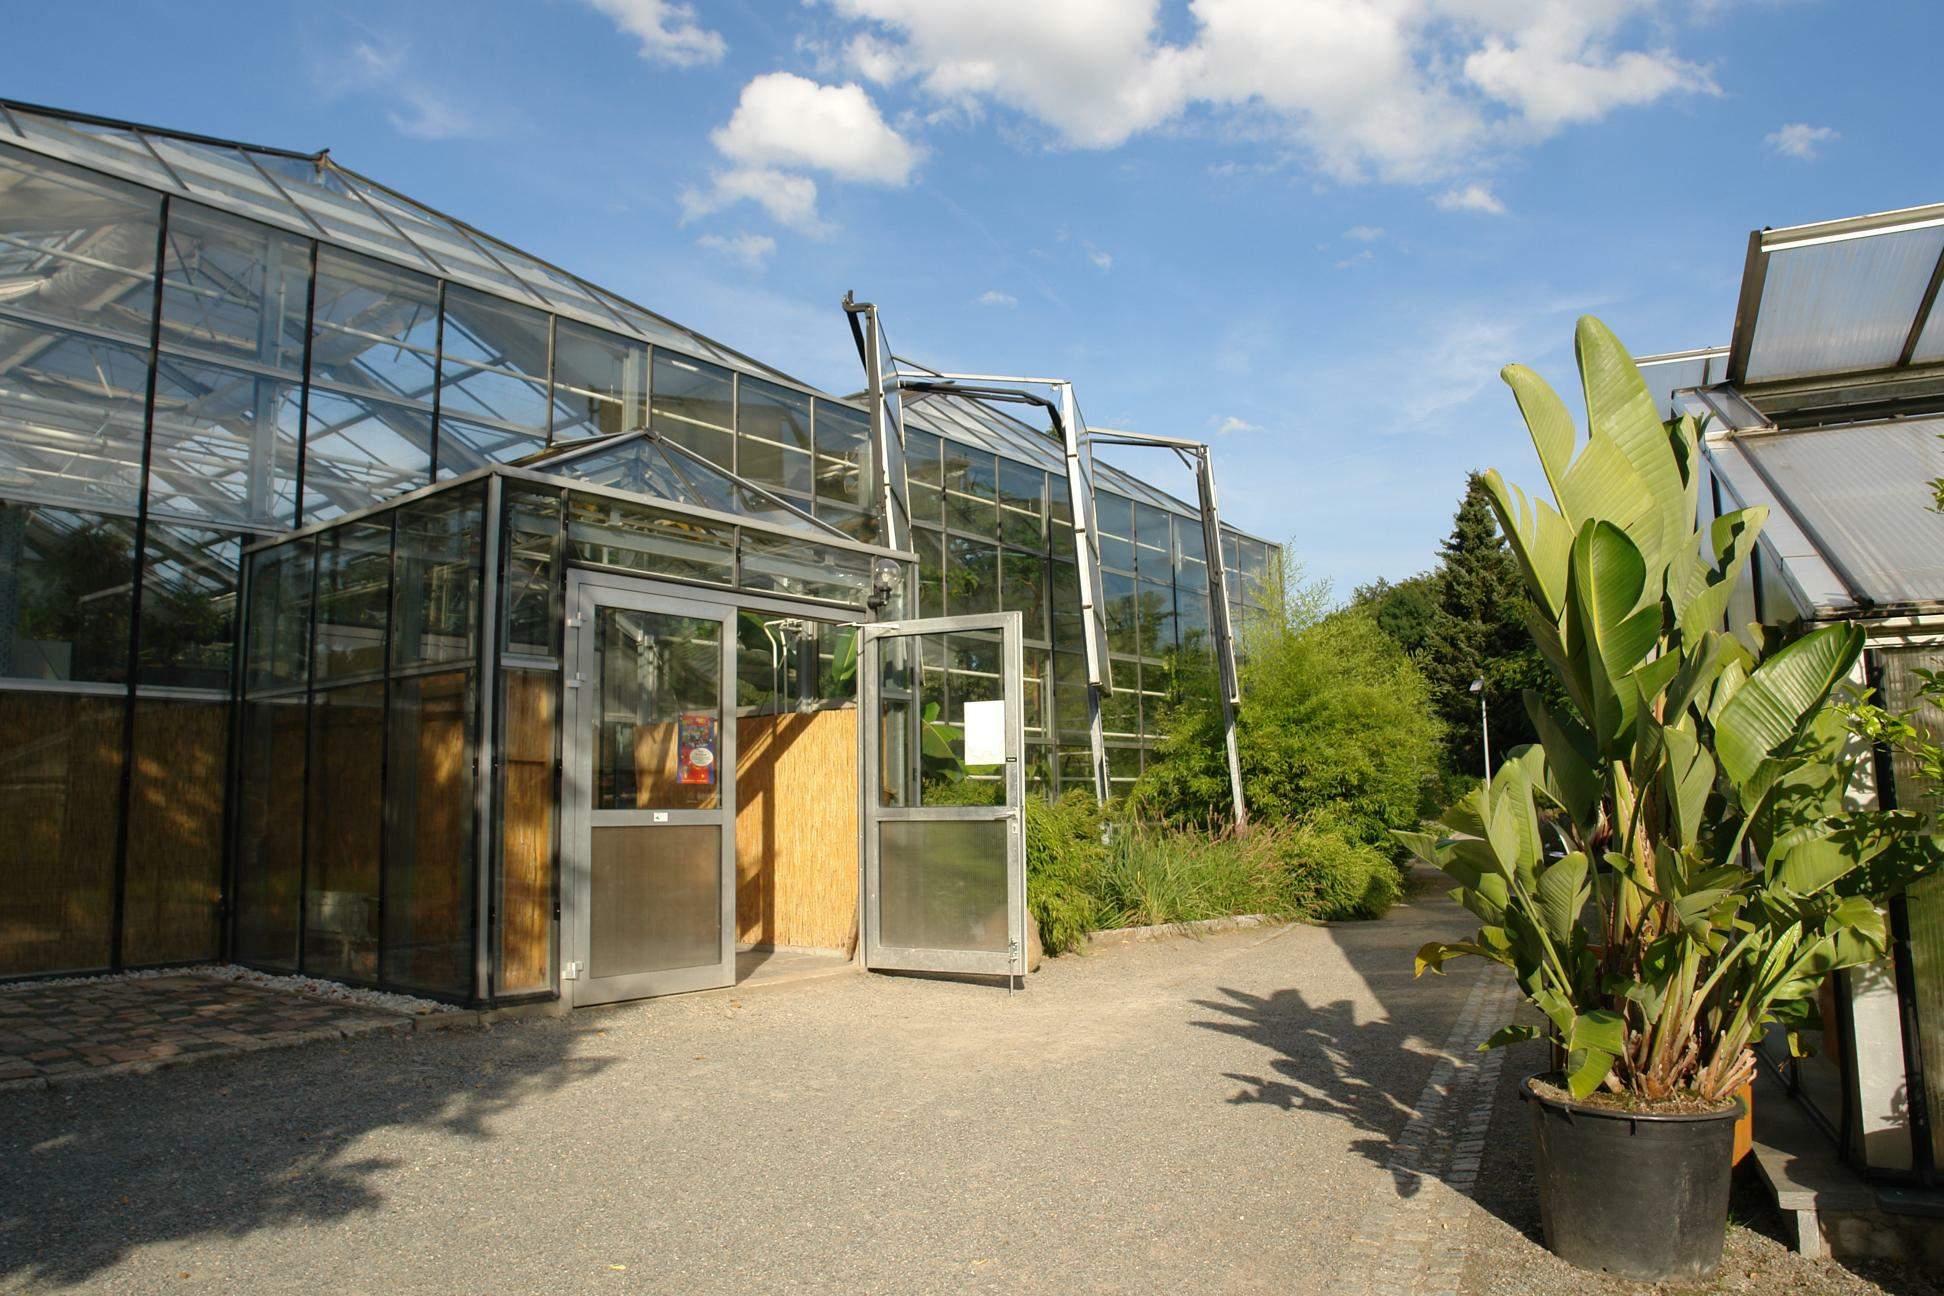 Chemnitz Botanischer Garten